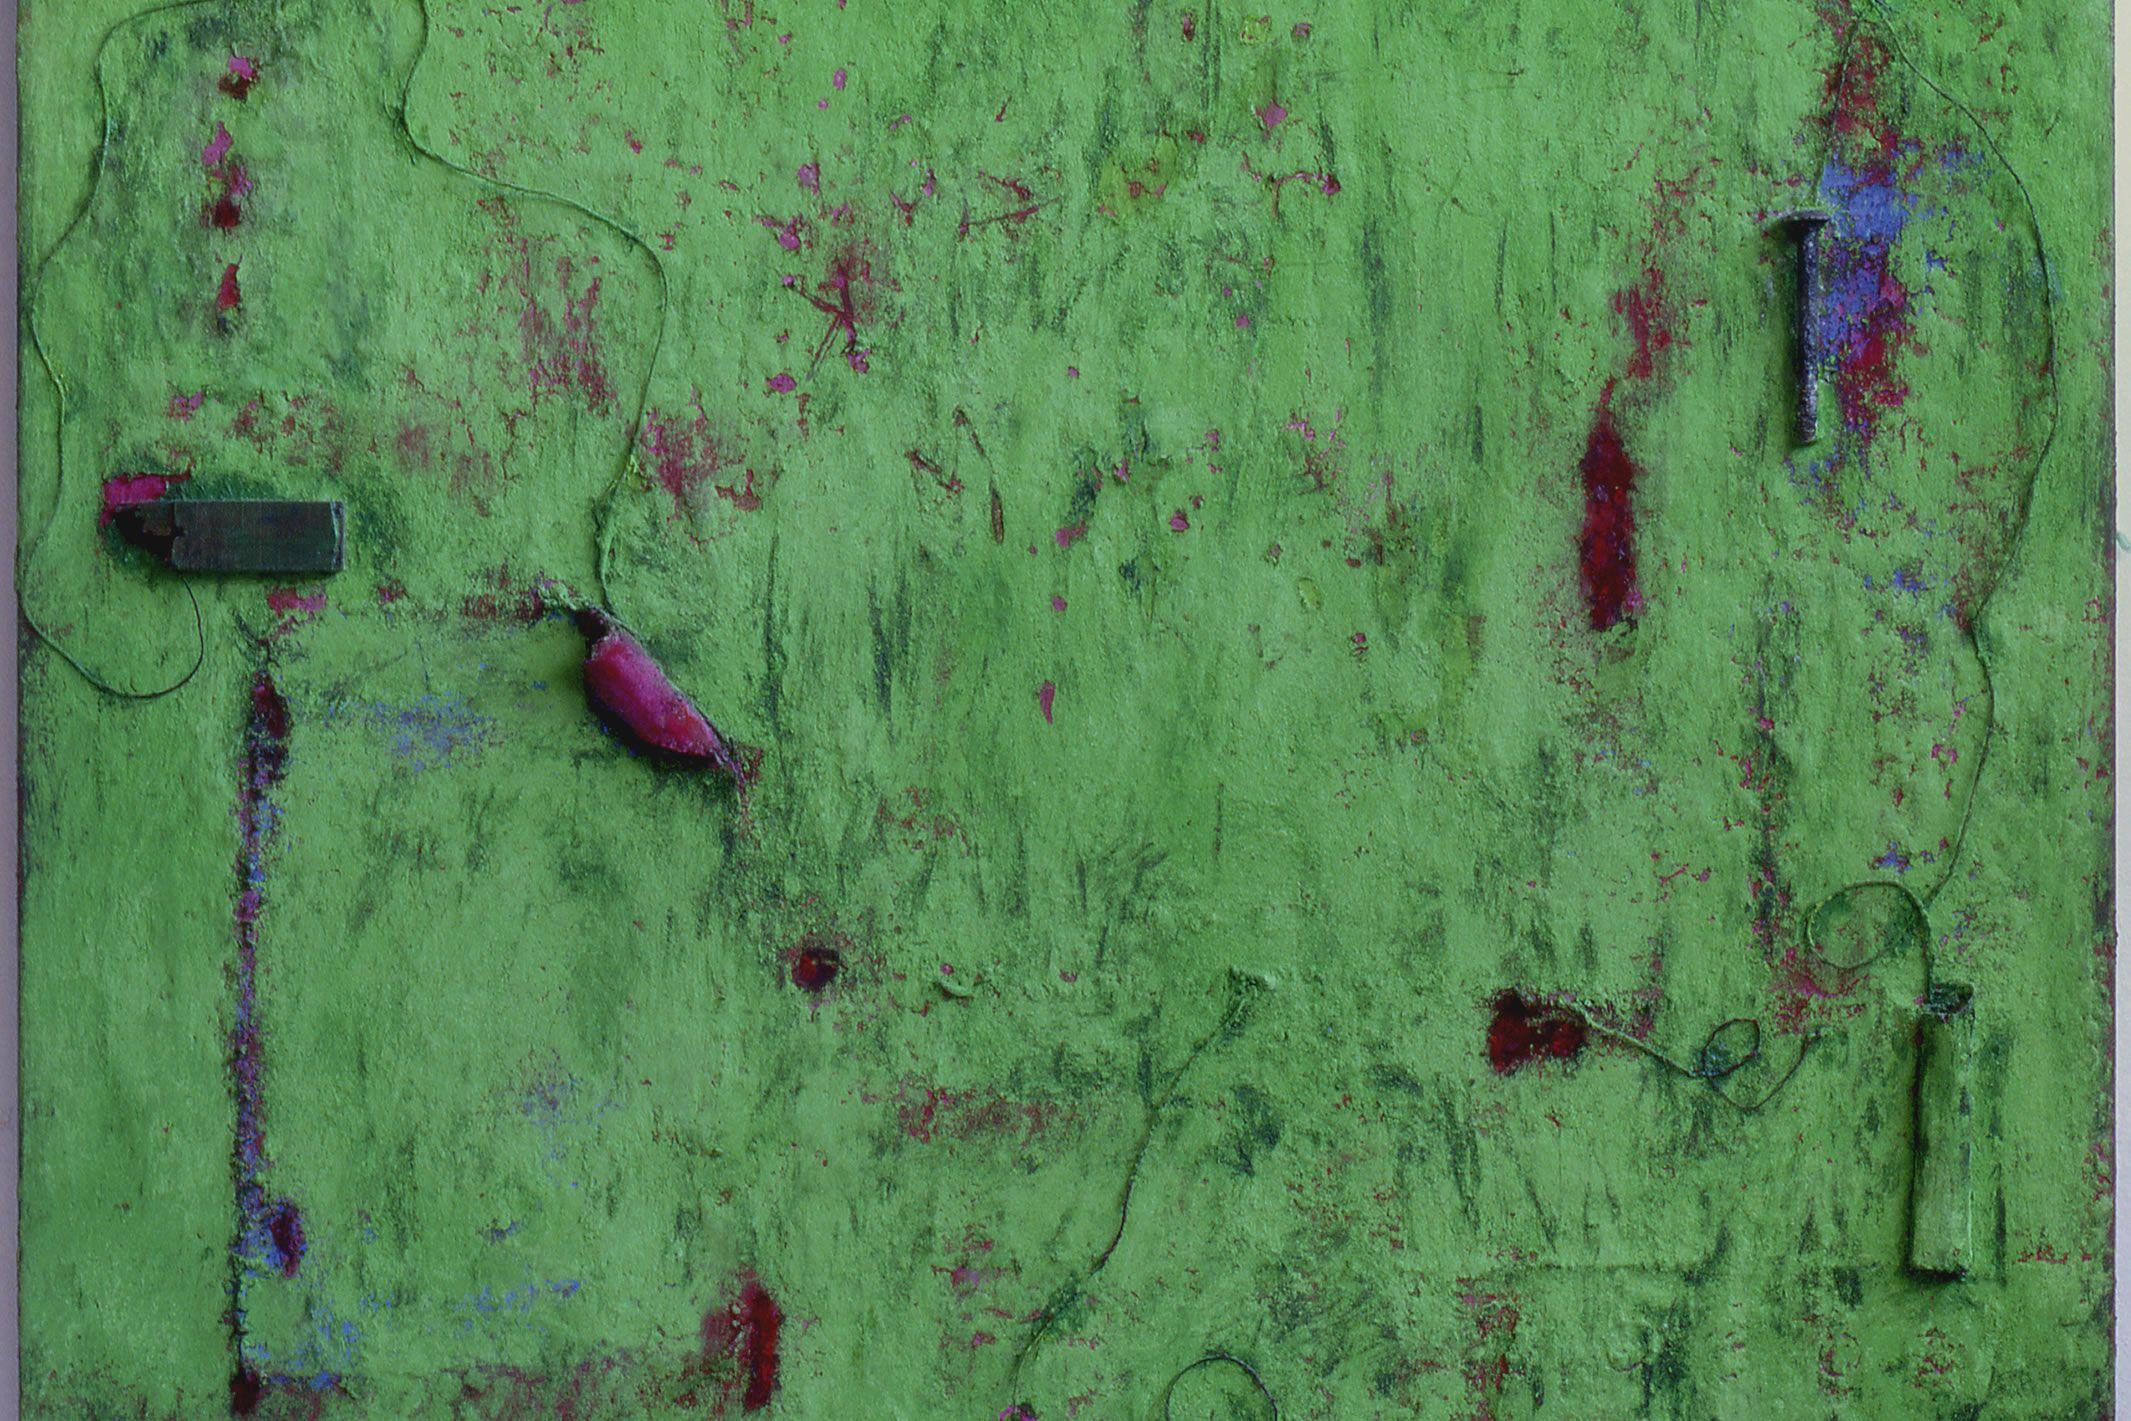 Anna Caione  Primavera  2005, pigment _ mixed media on canvas, 100cm x 120cm